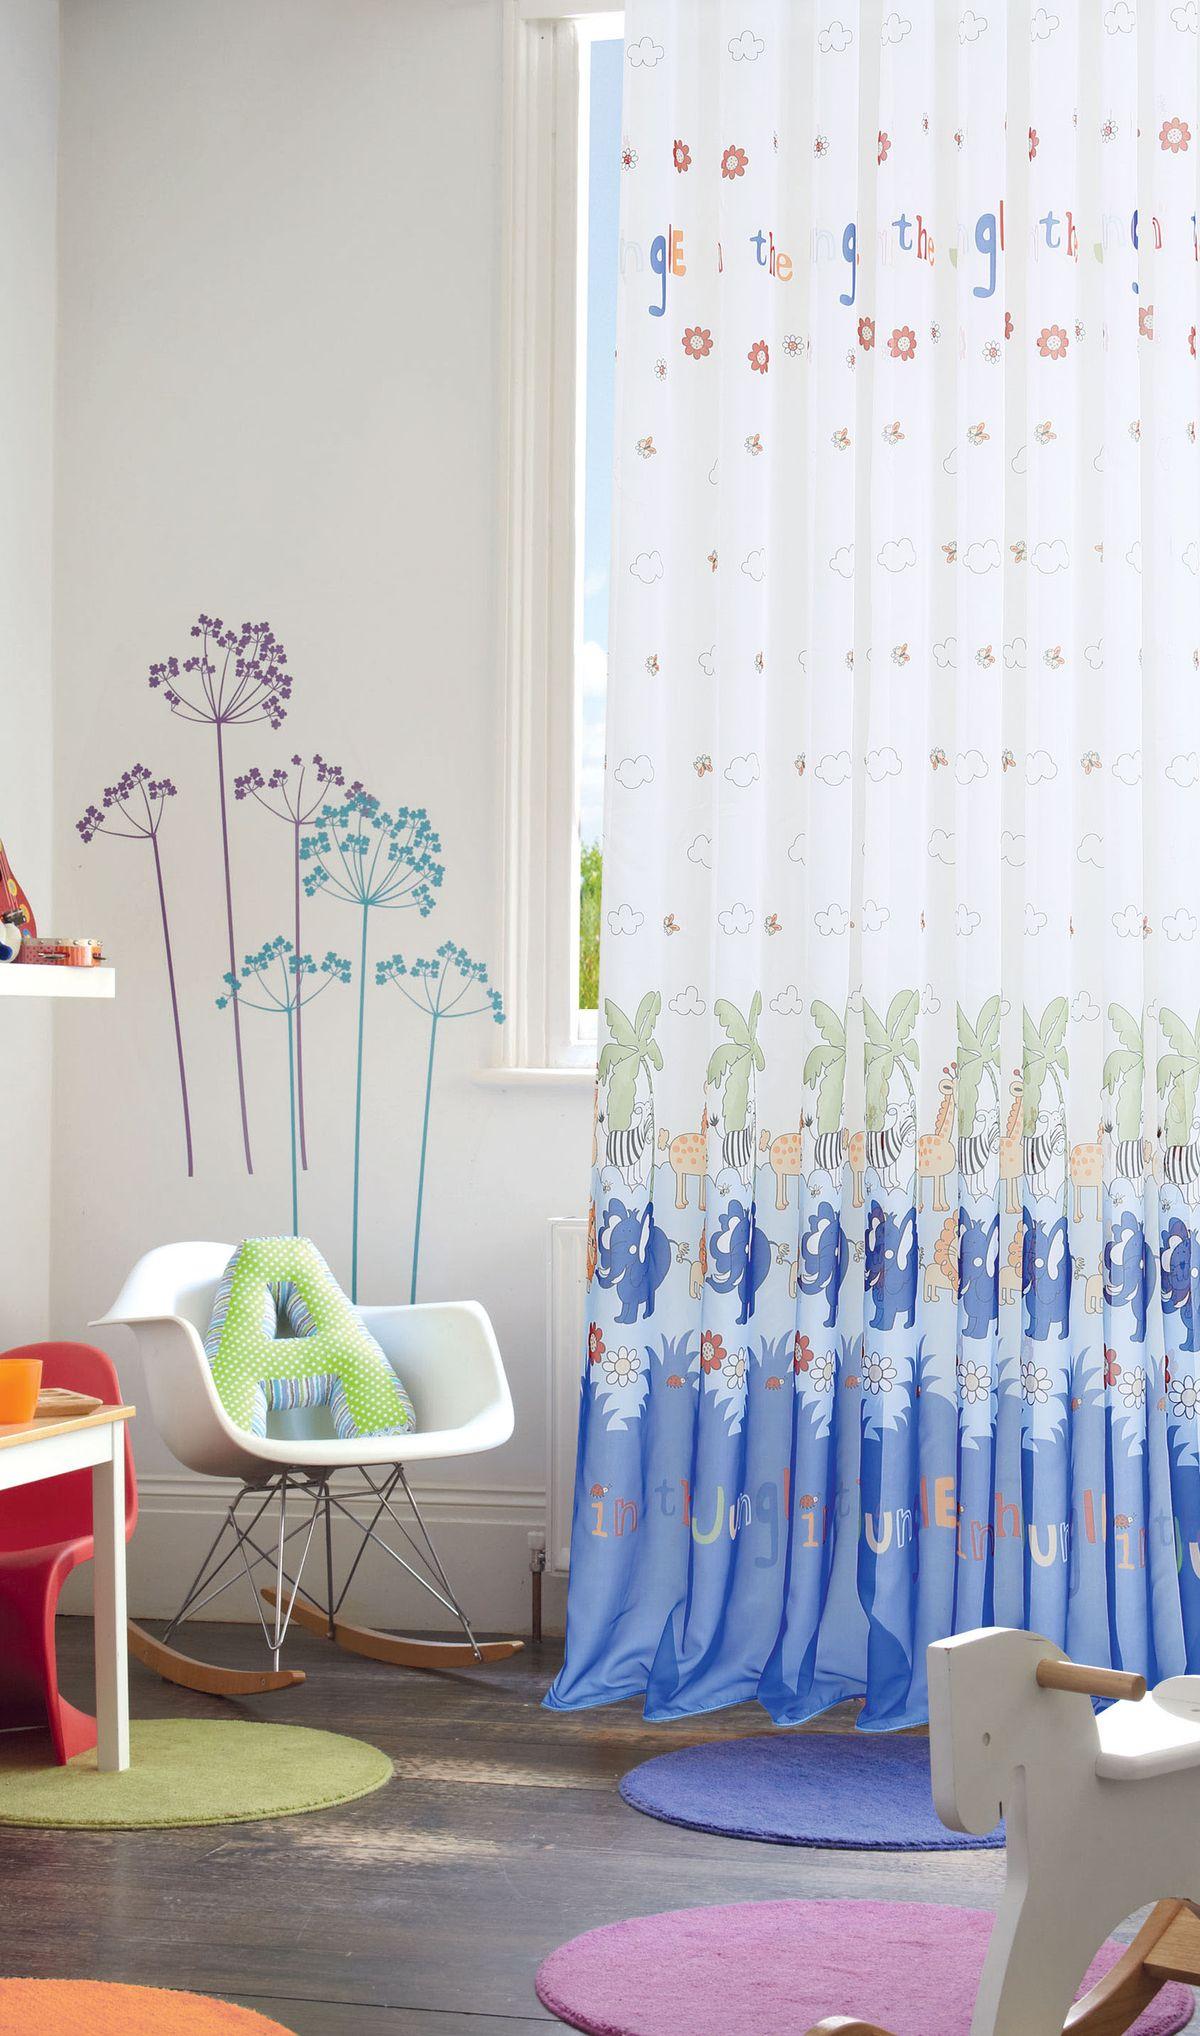 Штора готовая Garden, на ленте, цвет: синий, 300х270 см. С 9169 - W191 V14С 9169 - W191 V14Изящная штора для детской комнаты Garden выполнена из легкой ткани с оригинальной структурой. Приятная текстура и цвет штор привлекут к себе внимание и органично впишутся в интерьер помещения. Штора крепится на карниз при помощи ленты, которая поможет красиво и равномерно задрапировать верх.